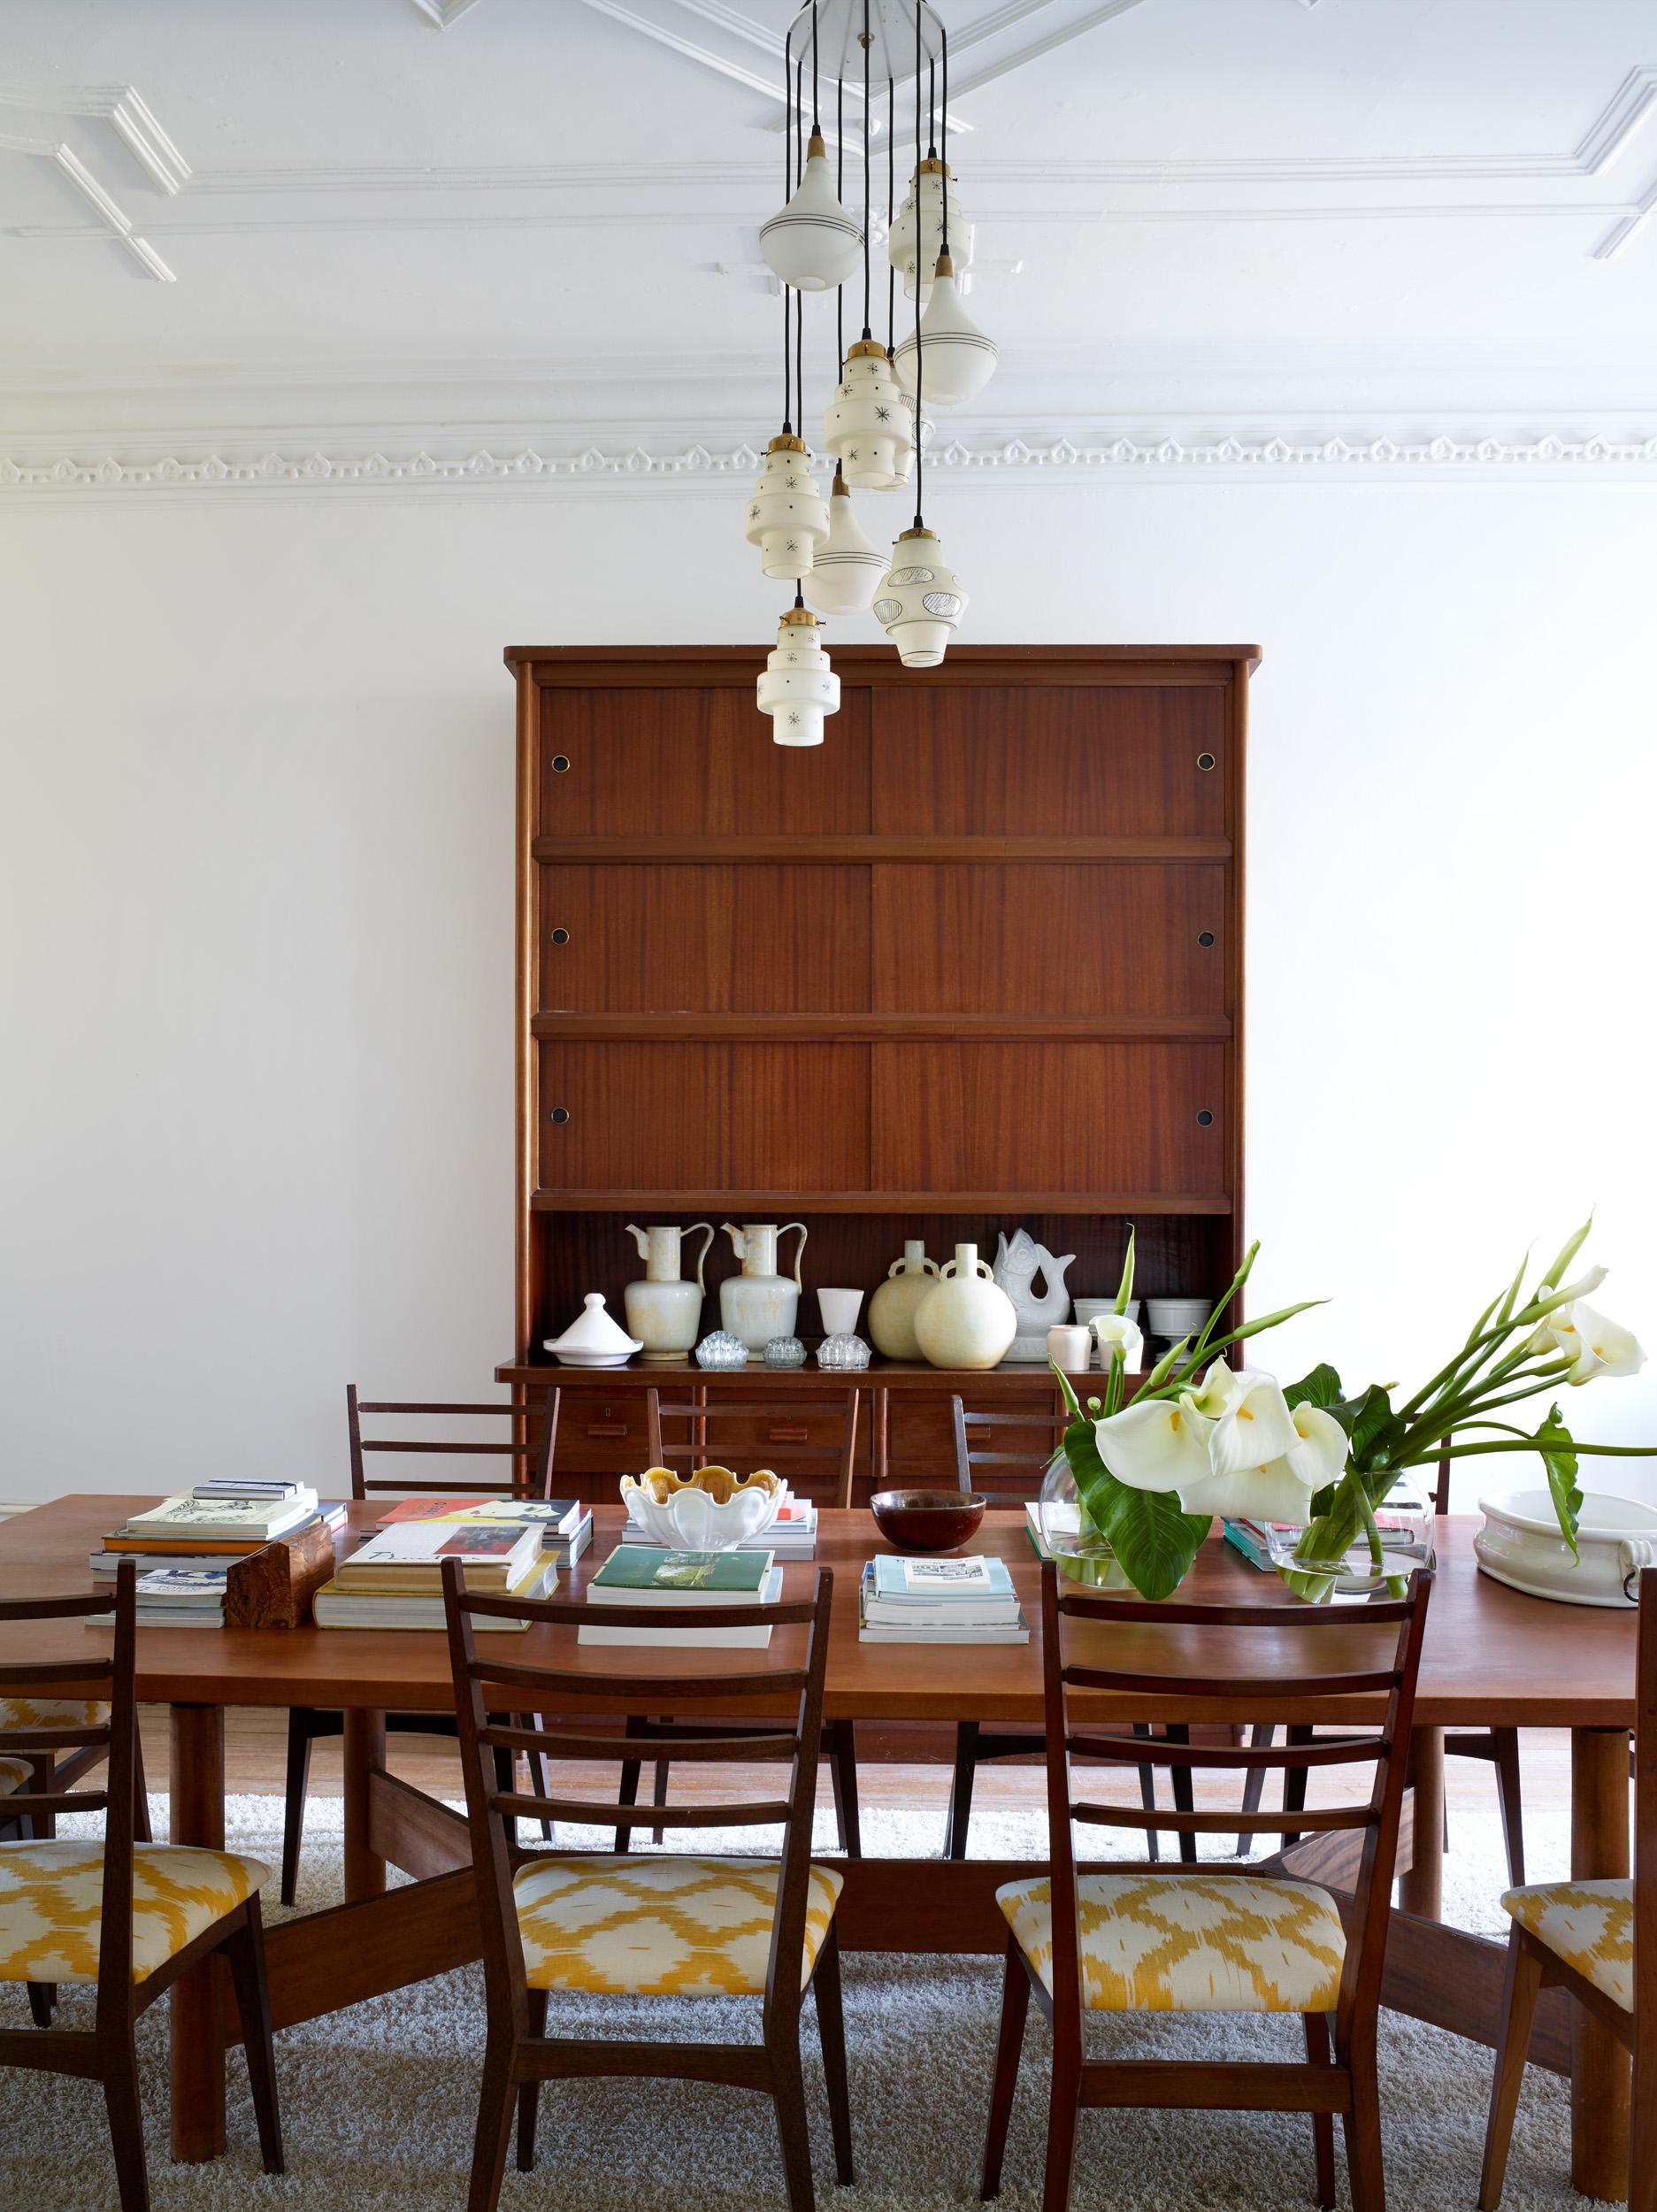 rachael-smith-interiors-14122019-036